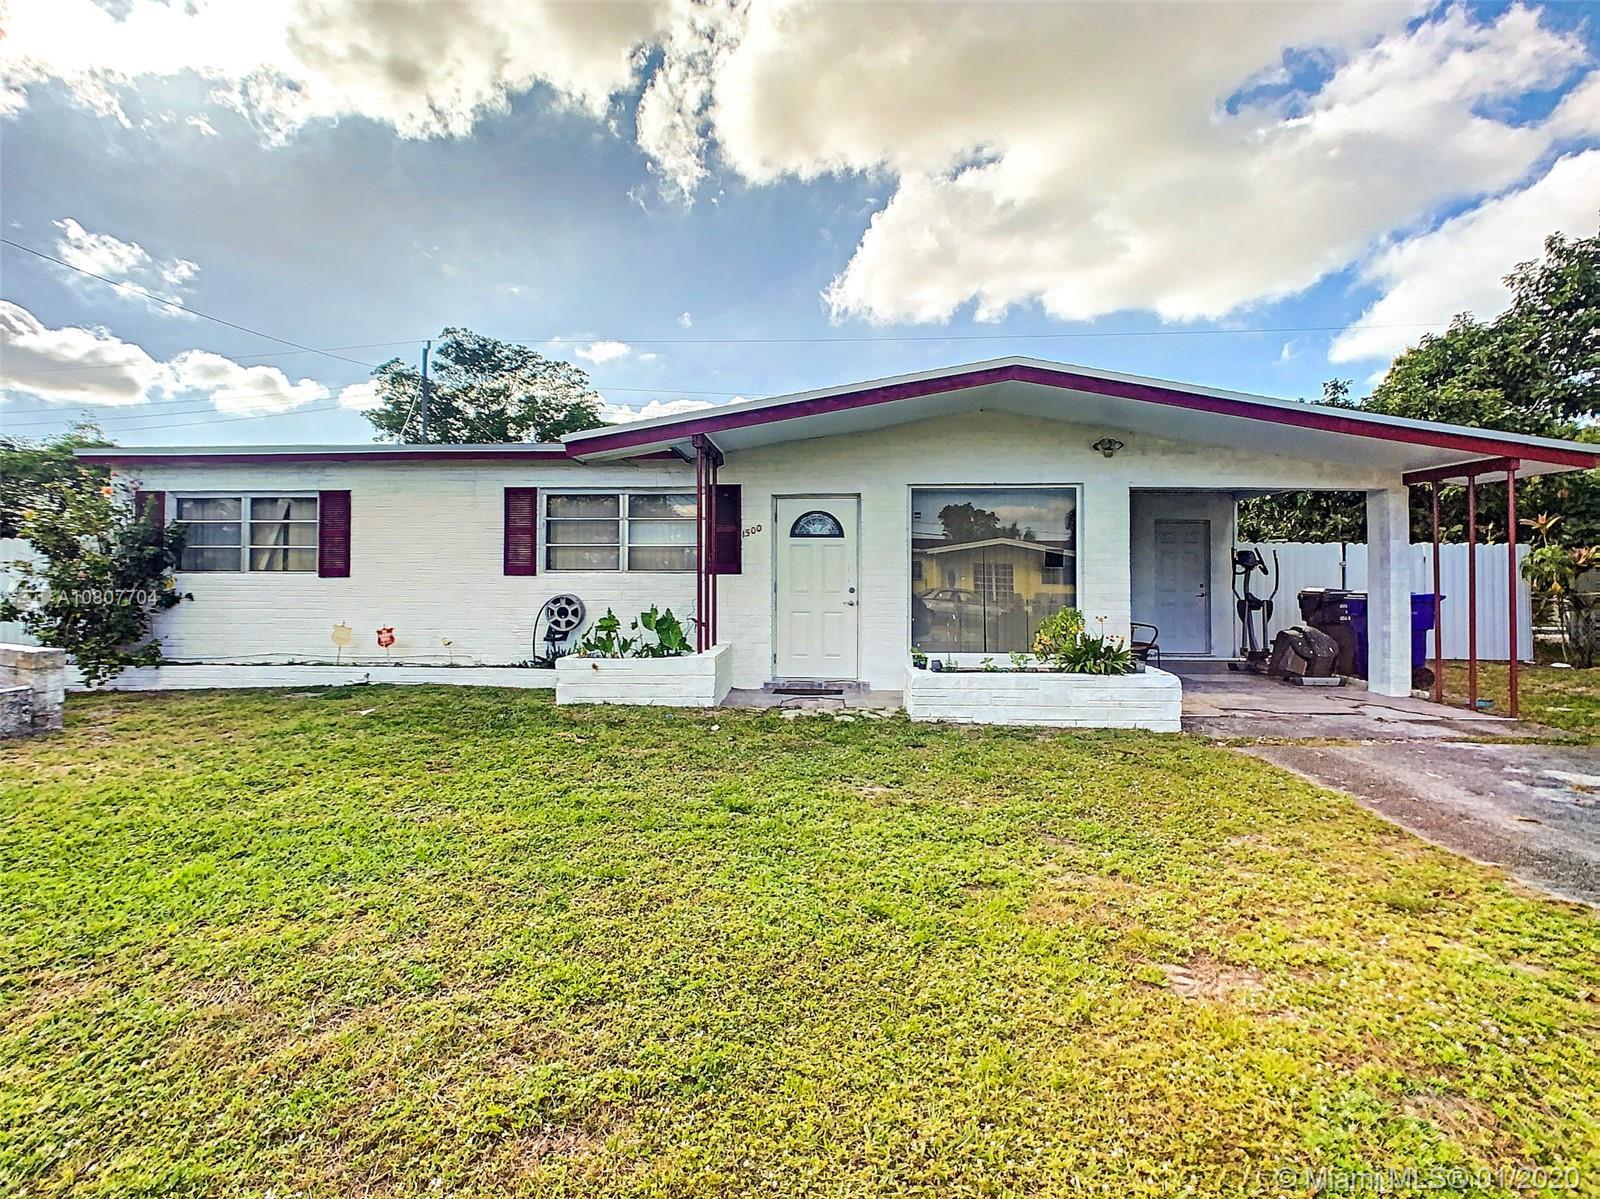 1500 N 67th Ter, Hollywood, FL 33024 - Hollywood, FL real estate listing